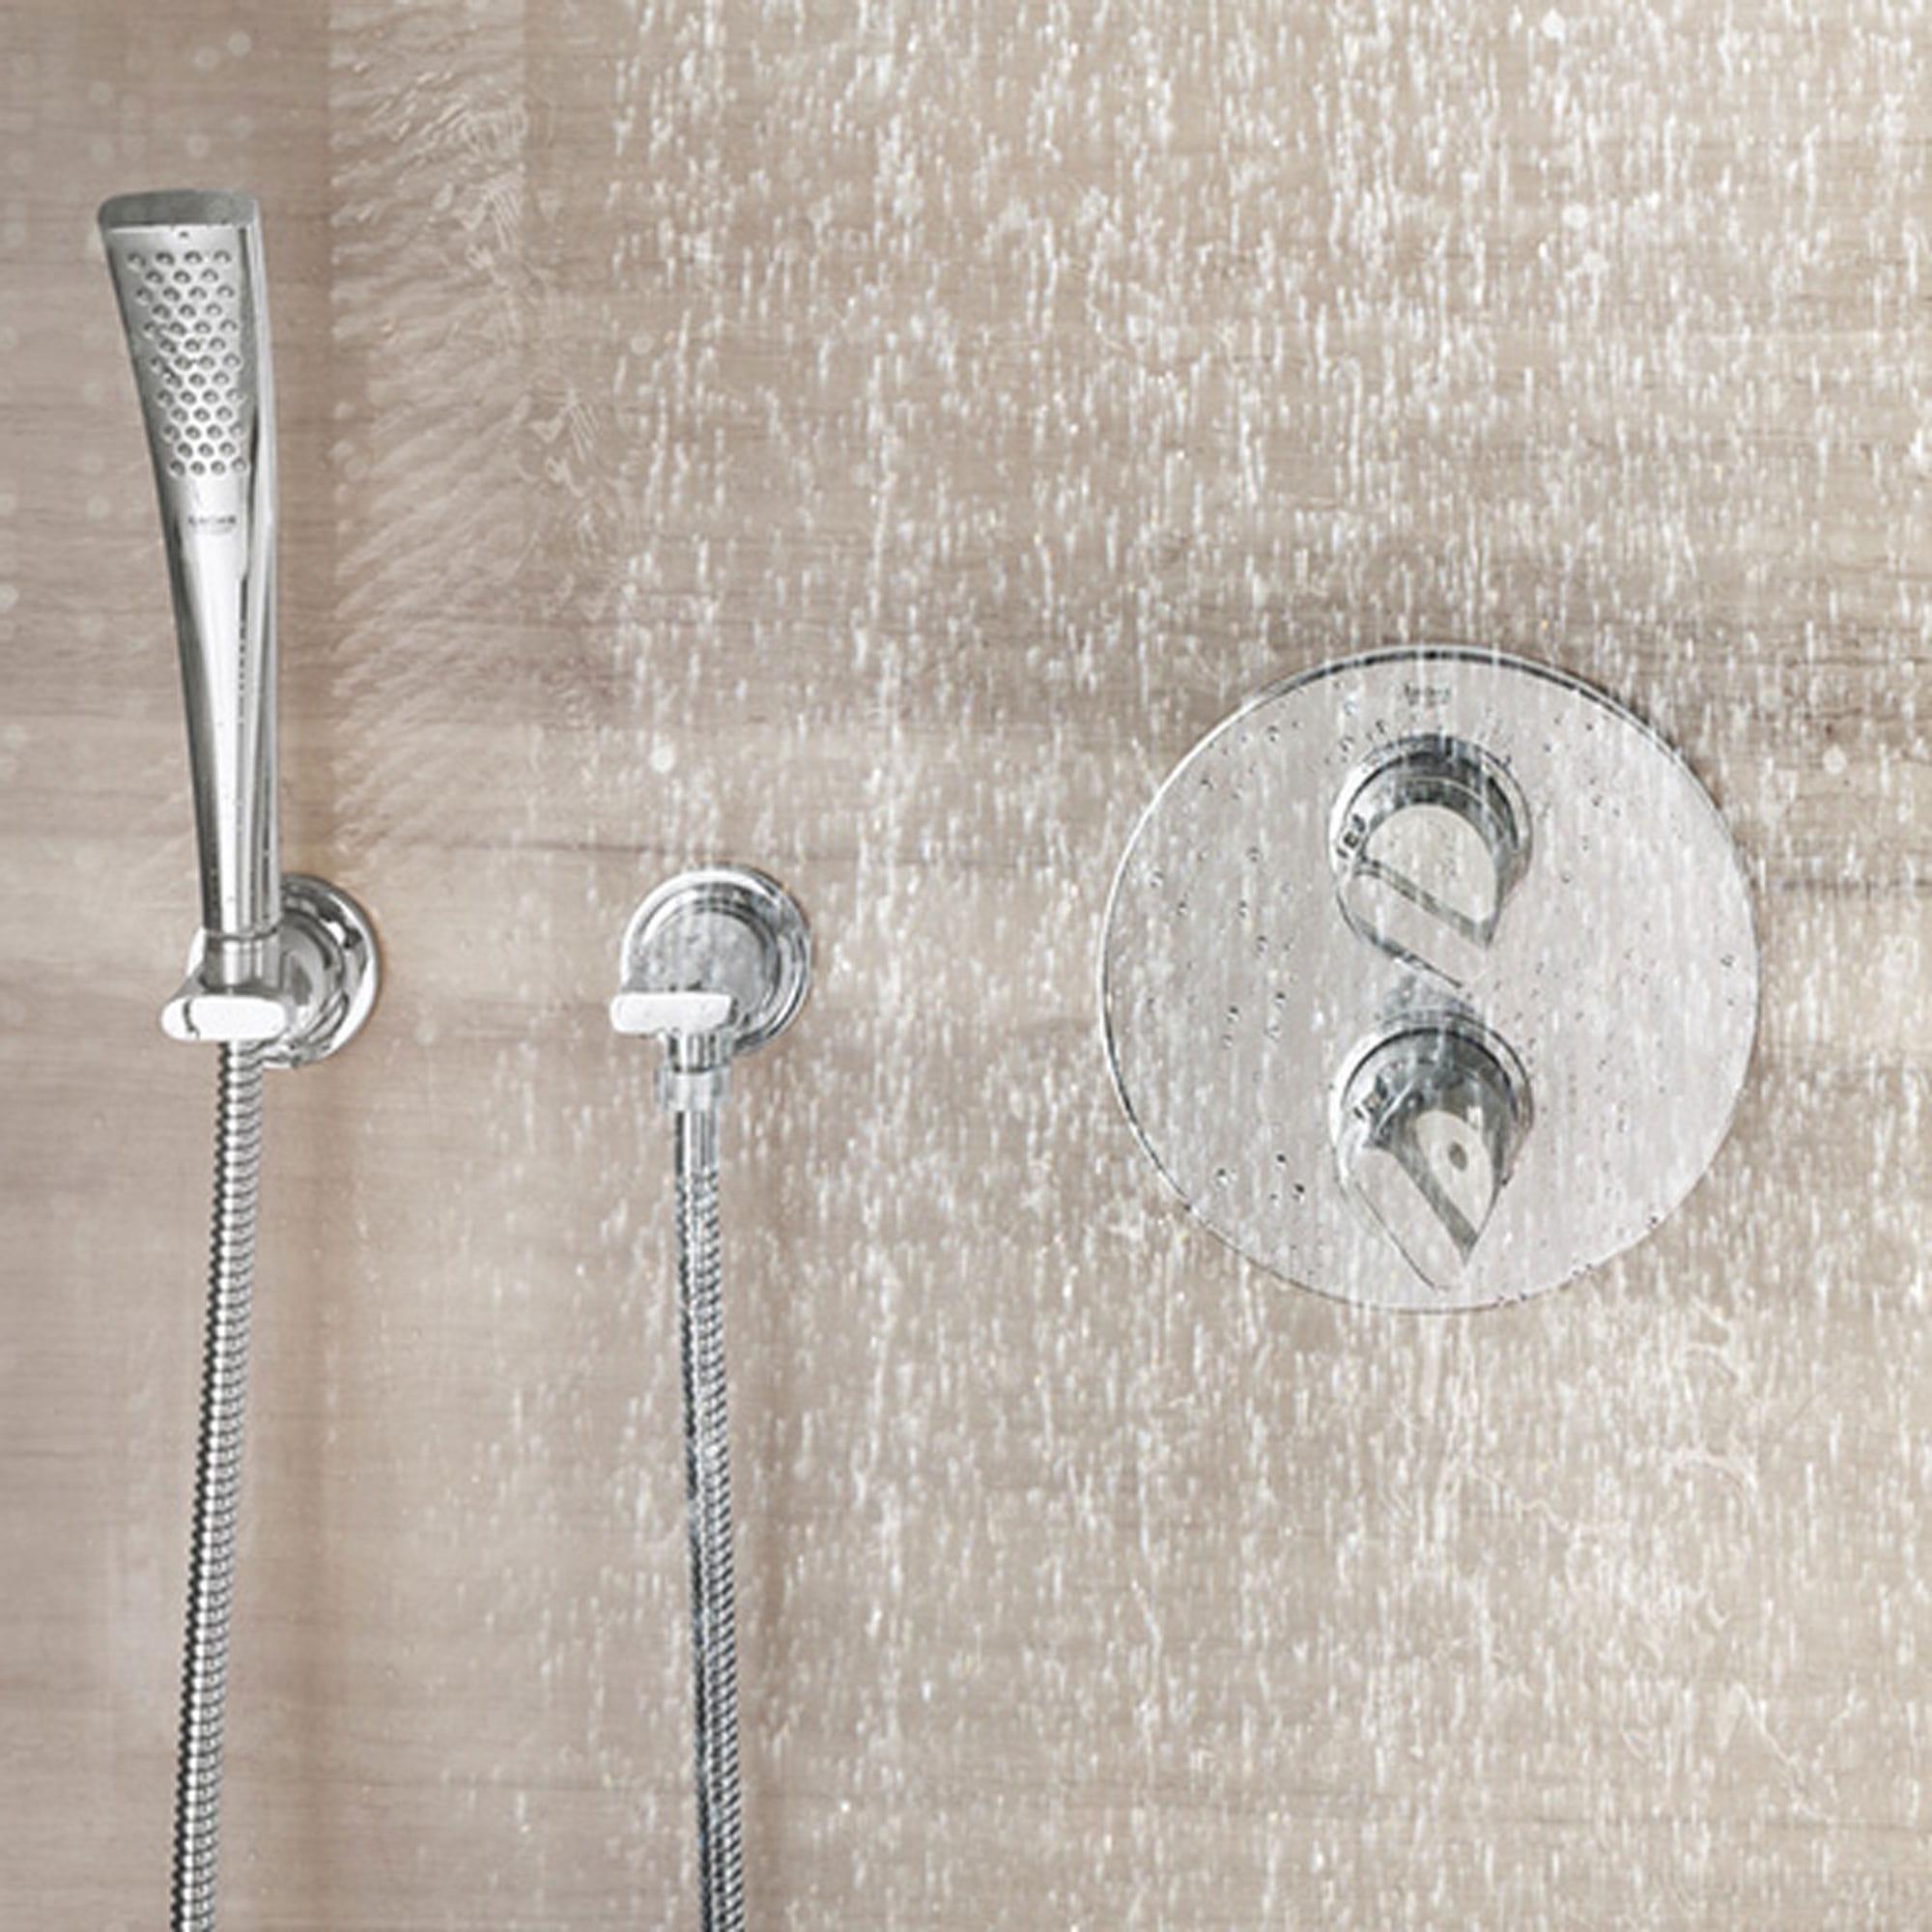 douche courante avec robinet de douche à main